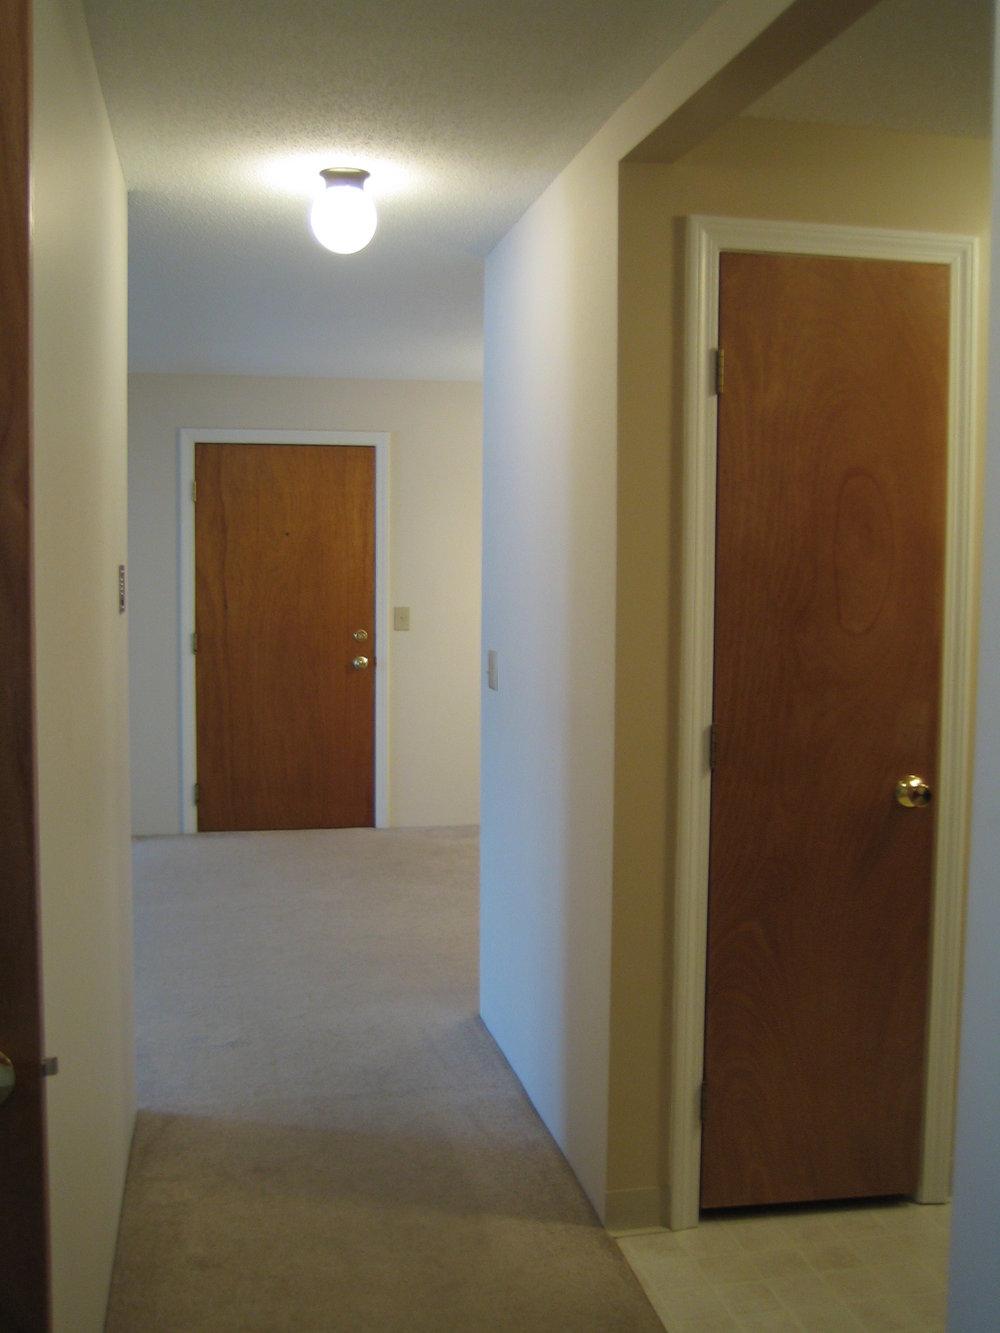 mid hallway.JPG